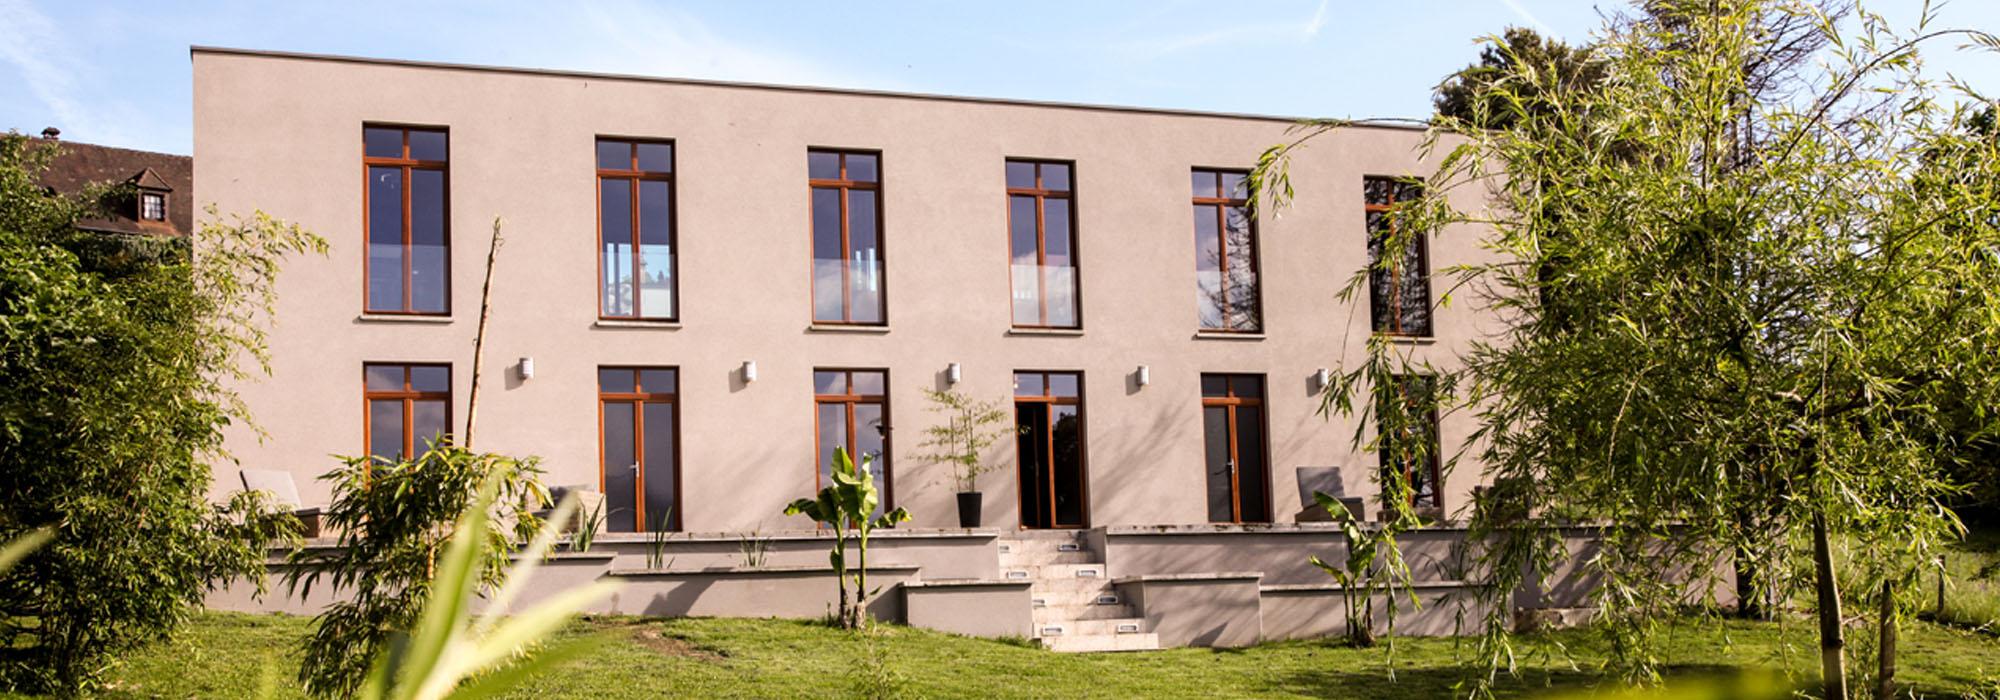 Villa d'architecte à Sarlat : Laissez-vous charmer !